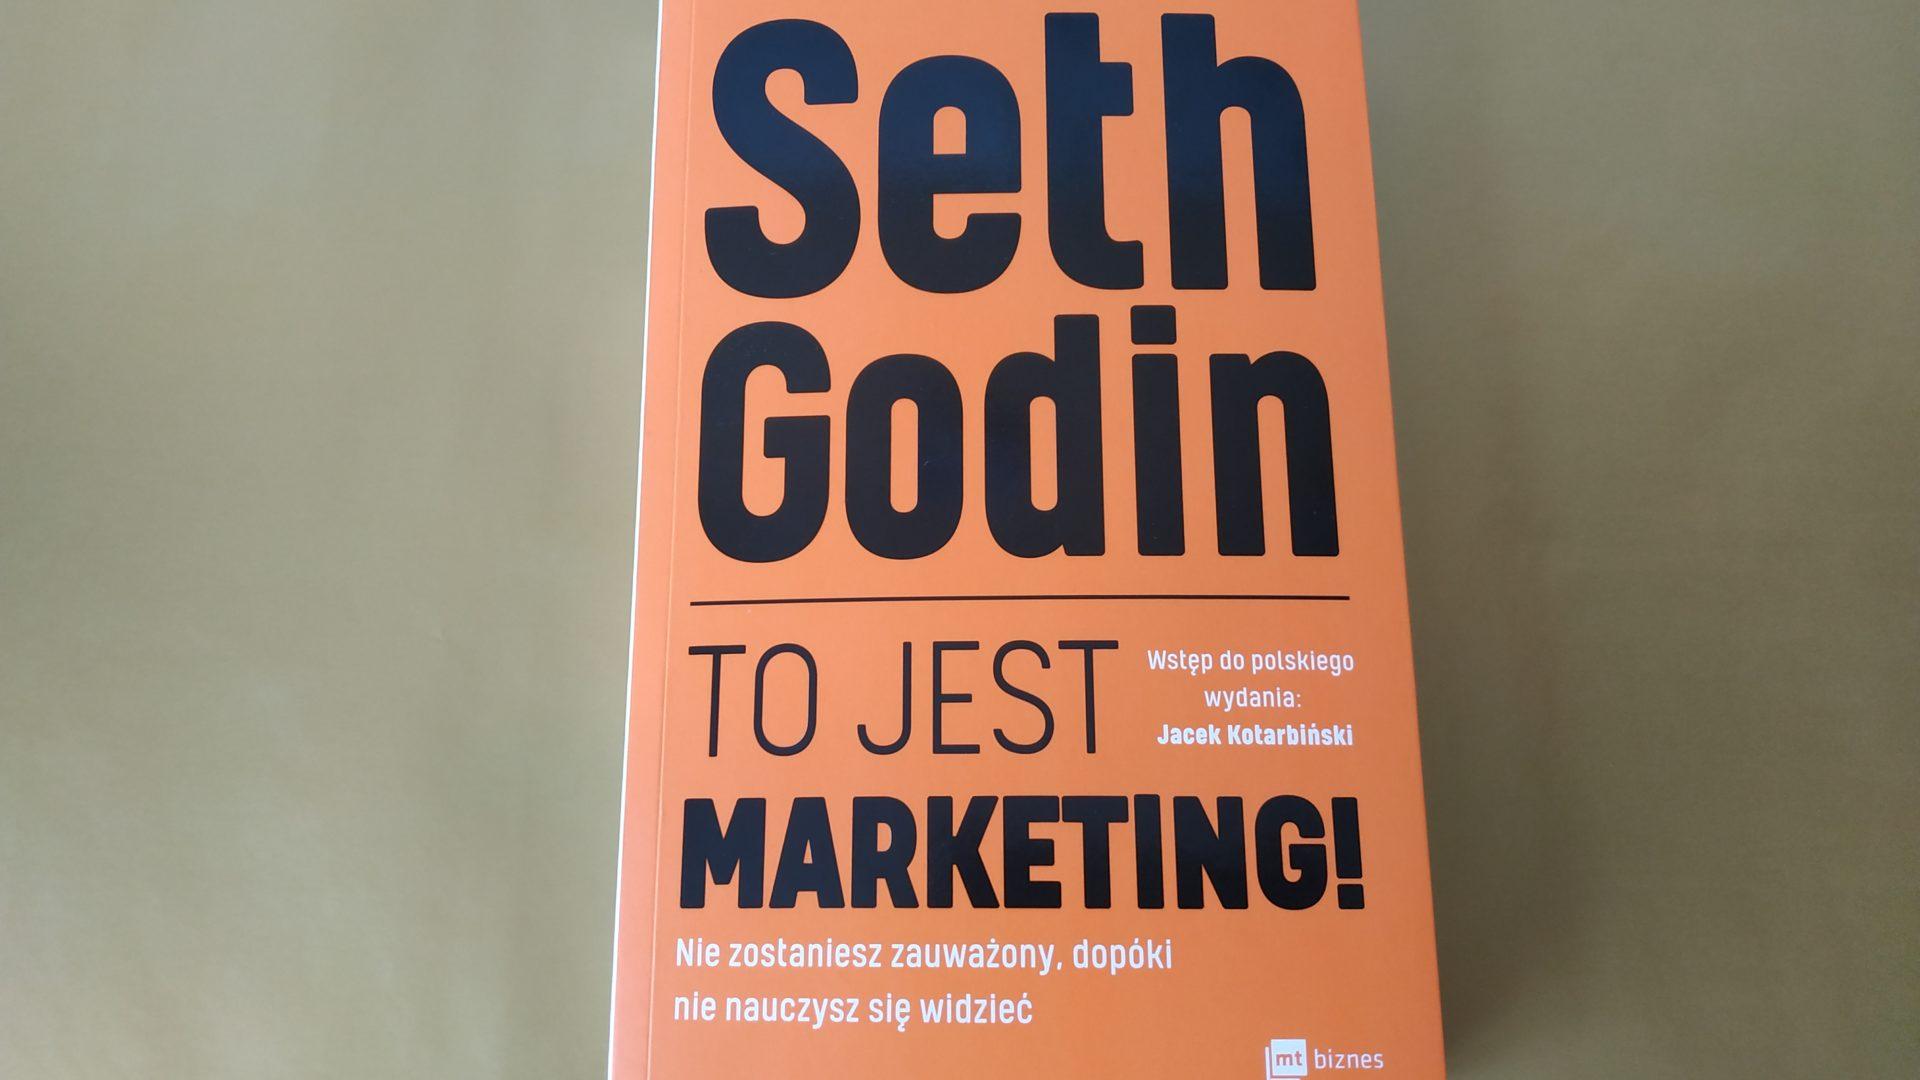 """""""To jest marketing!"""" - Seth Godin"""